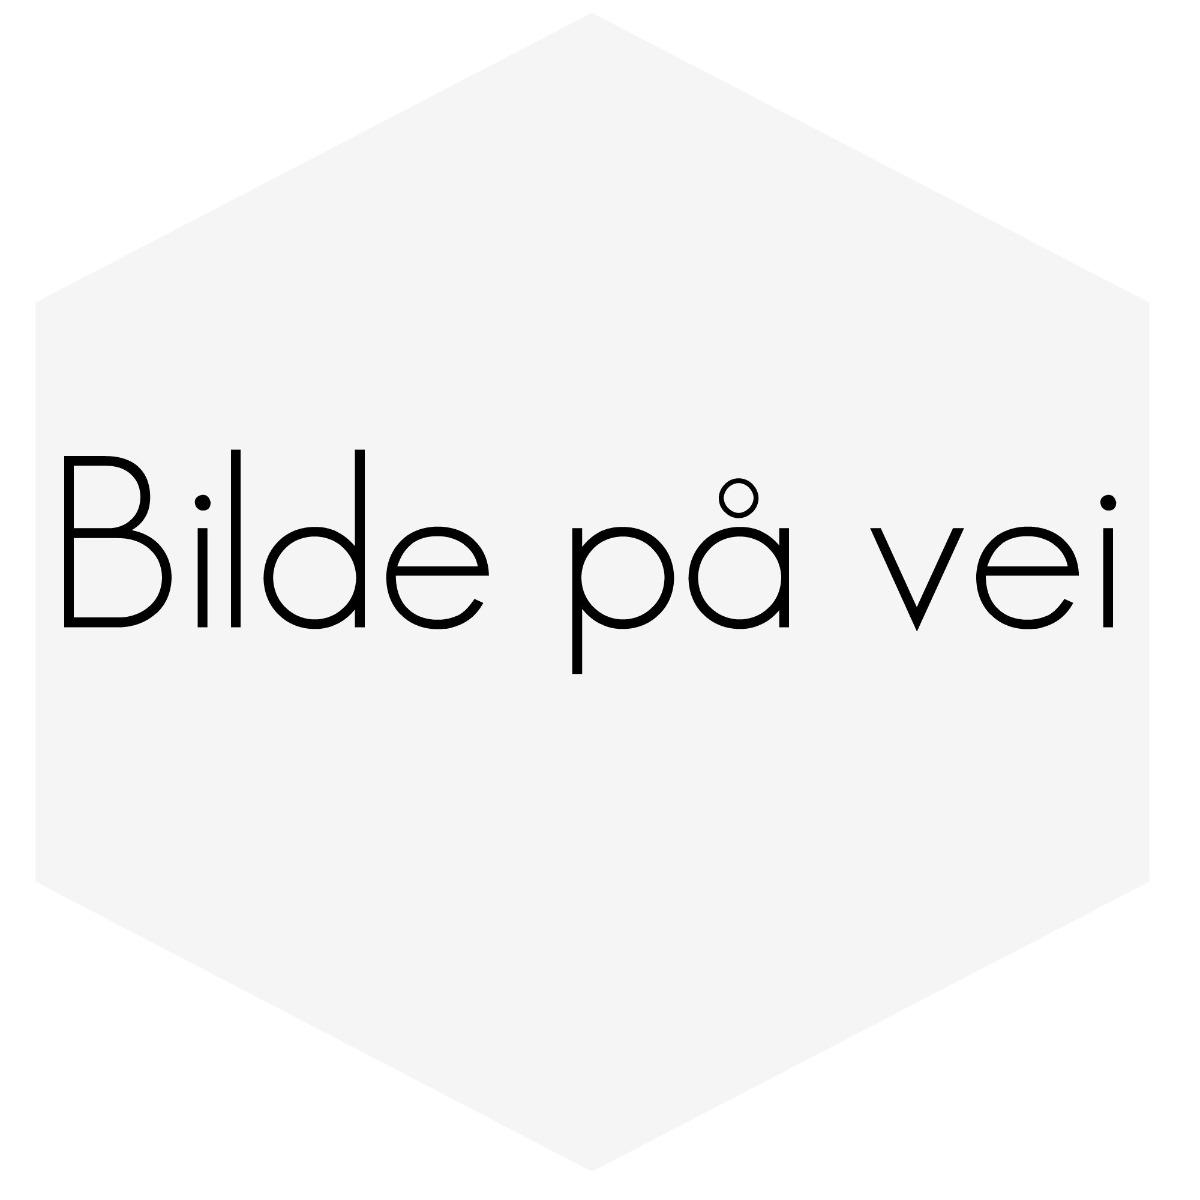 SENKESETT AMAZON M/TUV PAPIR 4STK FJÆRER